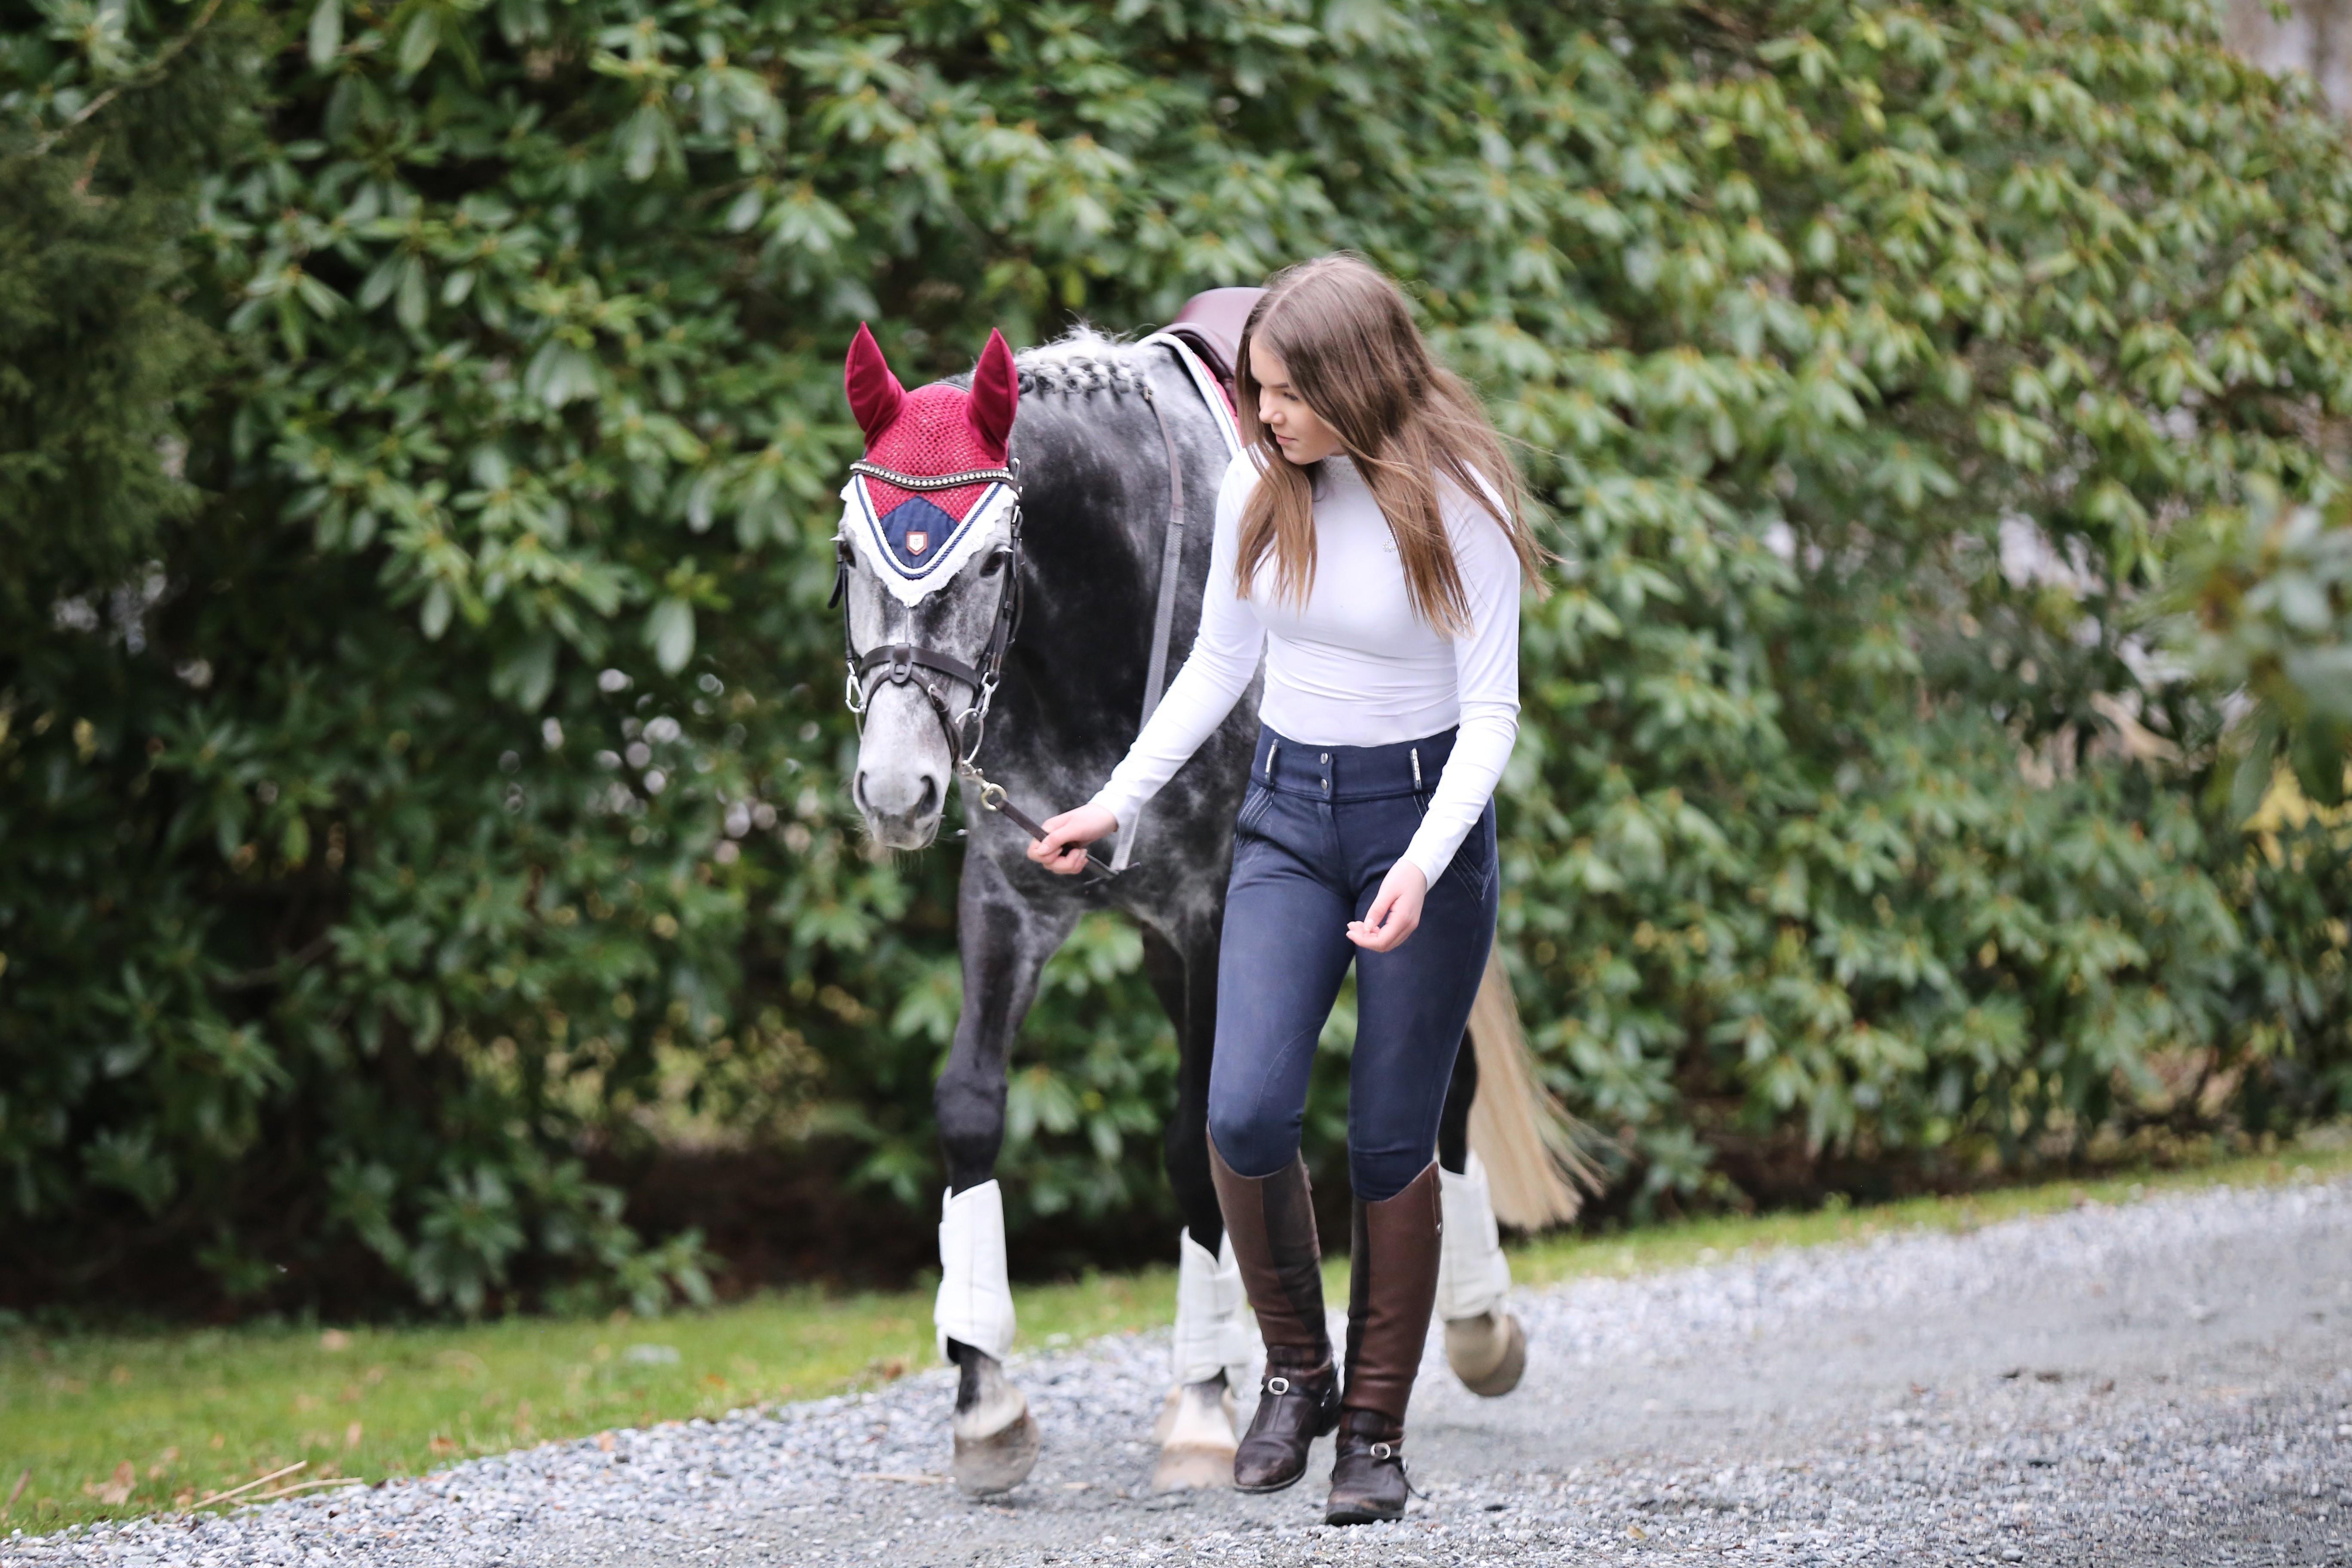 På spasertur med hest